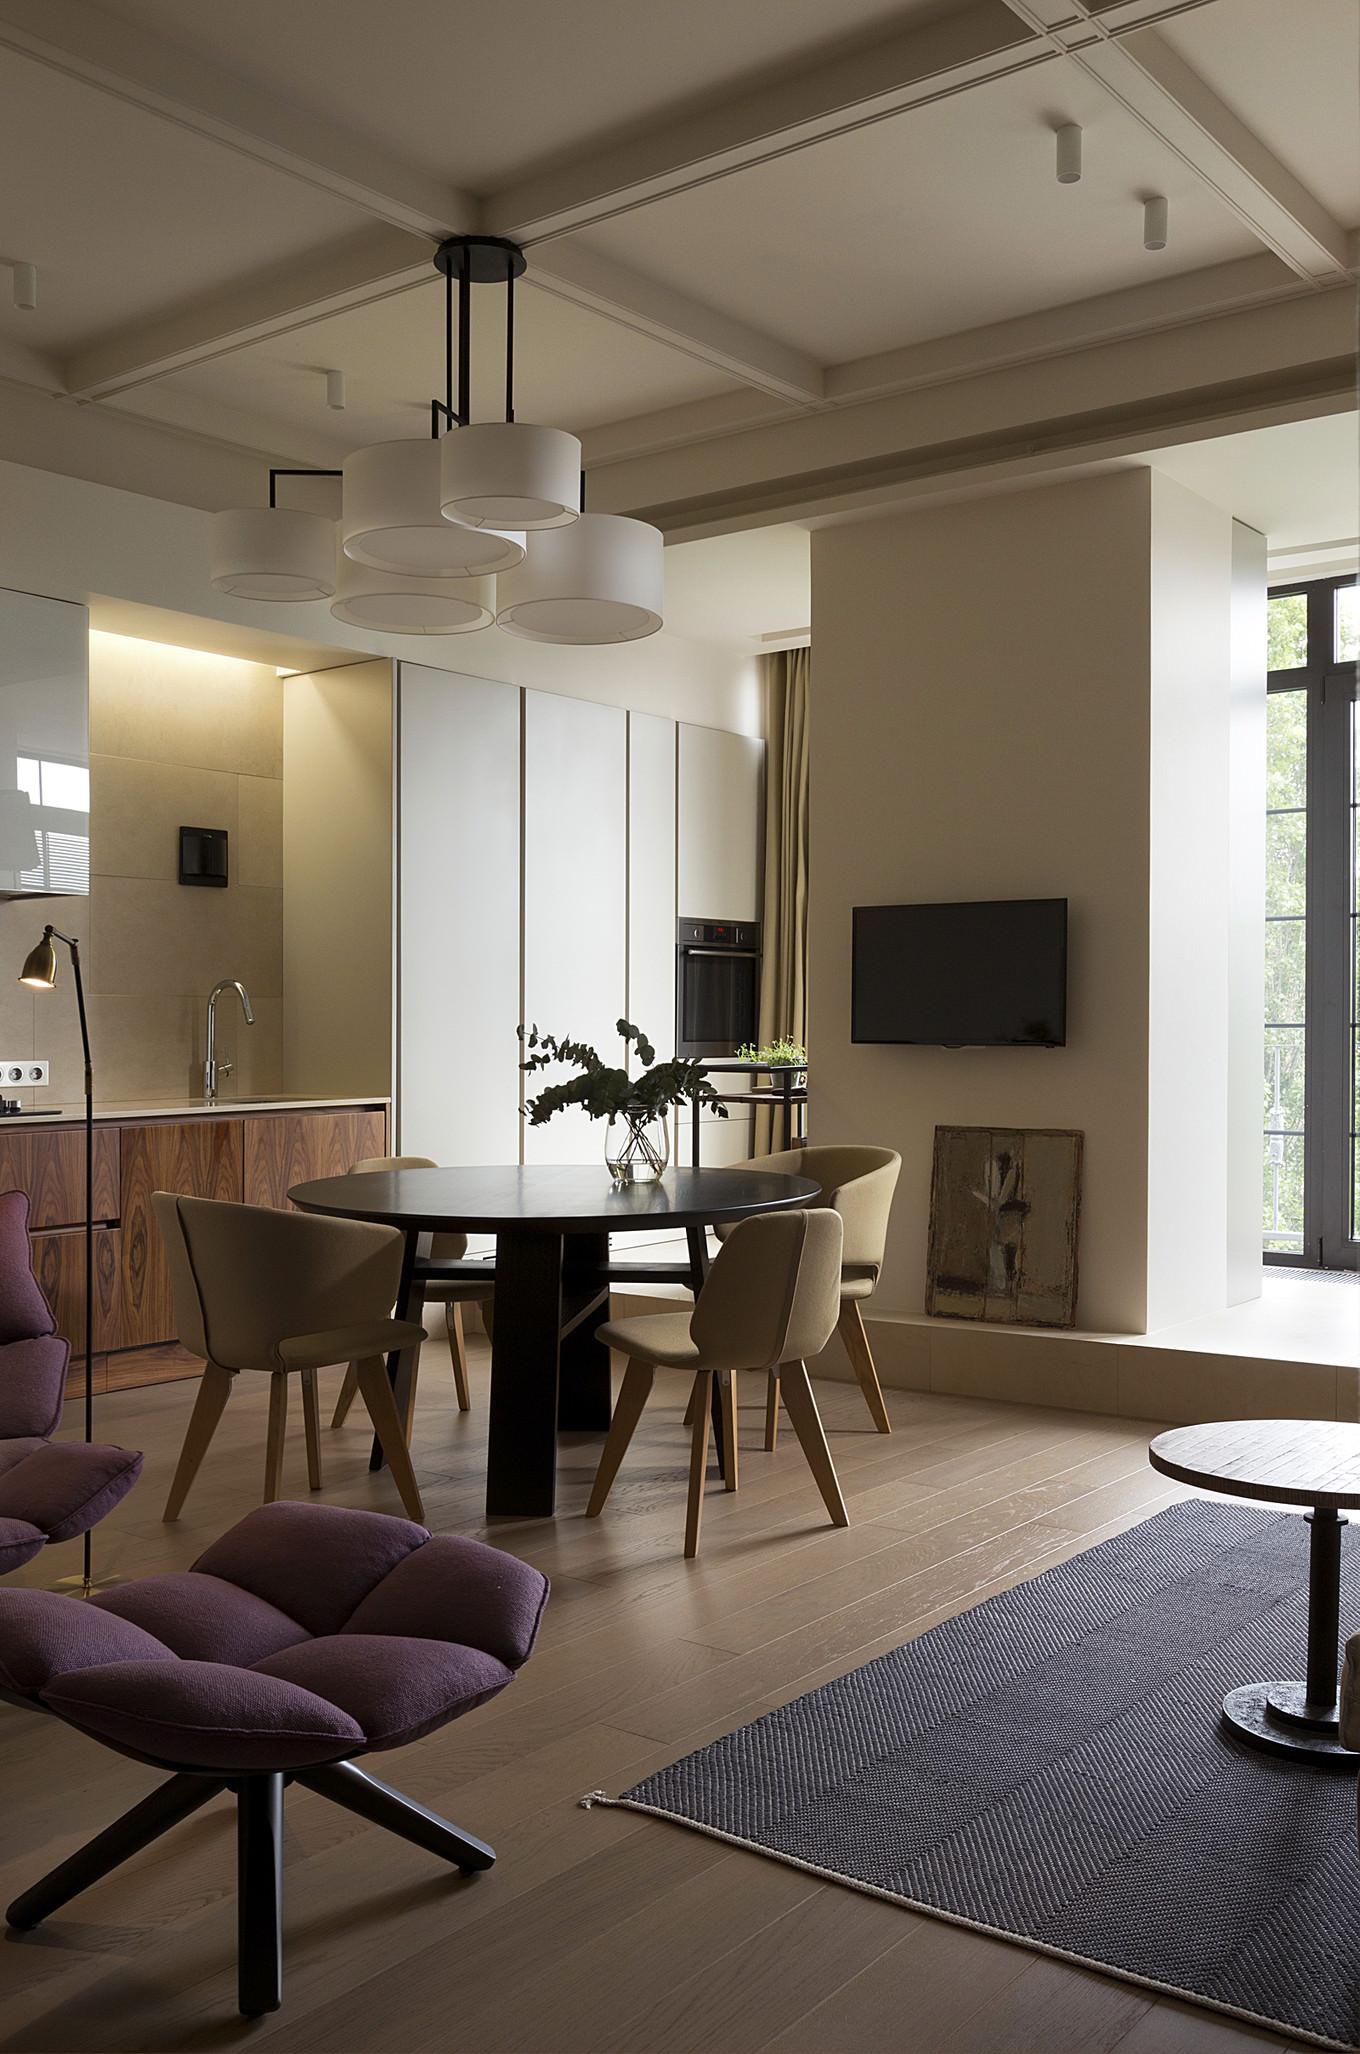 apartament-sas-stilen-interior-v-kiev-50-m-5g